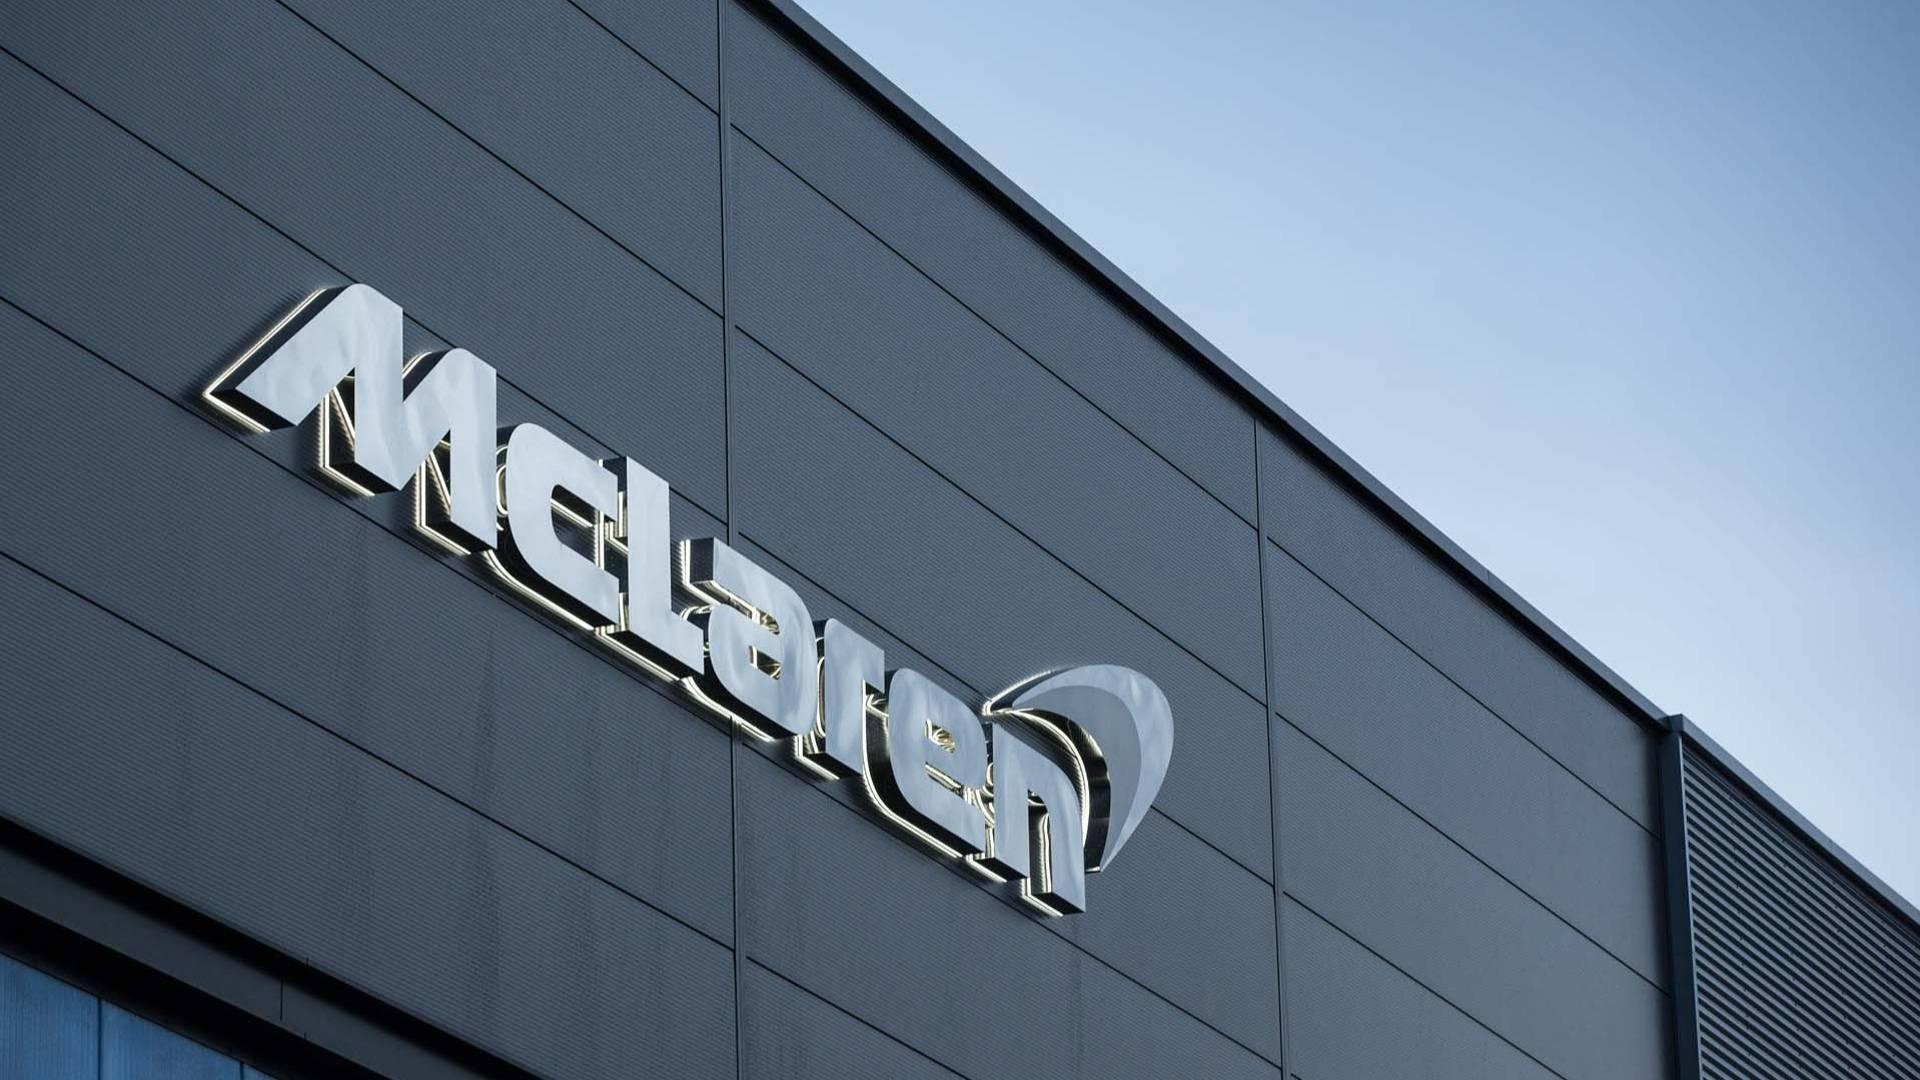 McLaren_Carbon_Composites_Technology_Center_0004